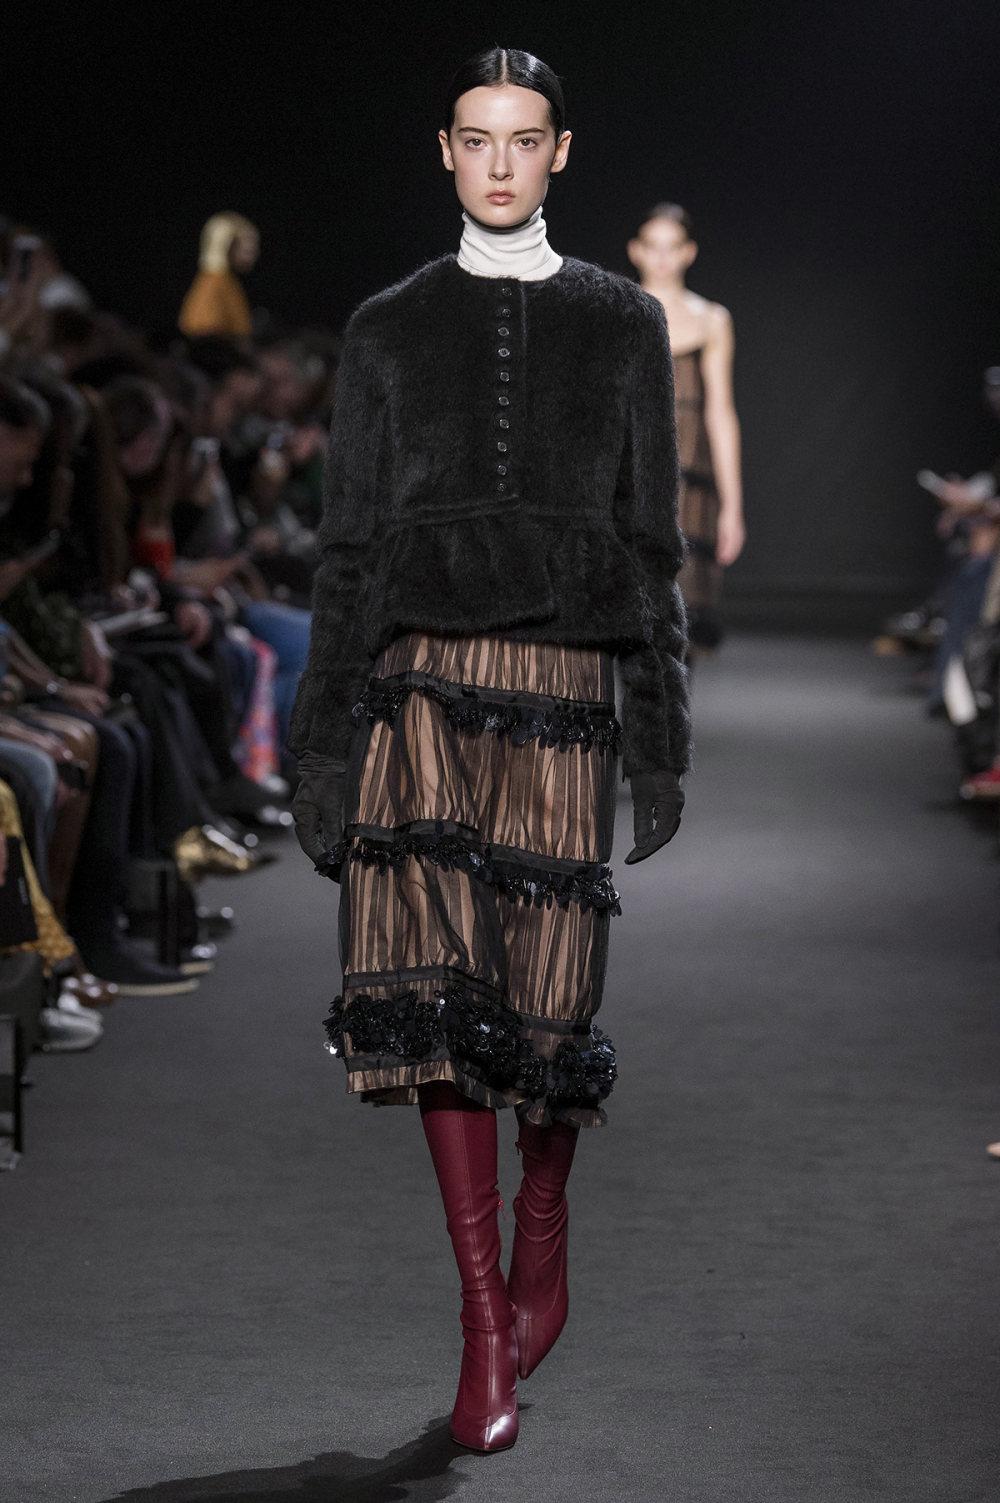 Rochas时装系列黑色无领斜纹软呢褶皱的黑色裙身饰有超细短袖衬衫-20.jpg